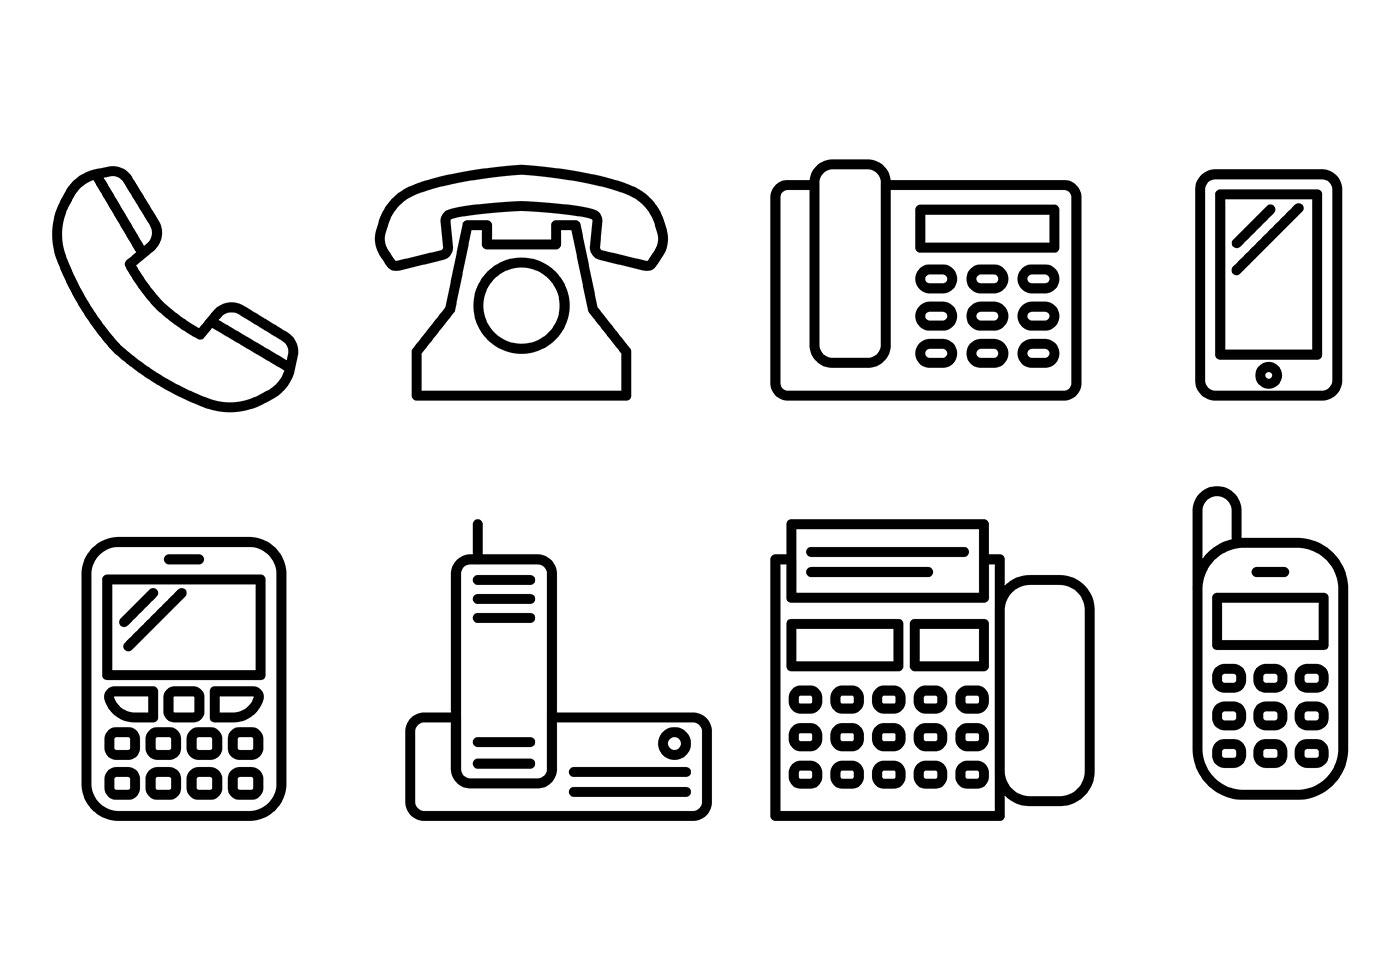 Tel Icons Vector - Download Free Vectors, Clipart Graphics ...